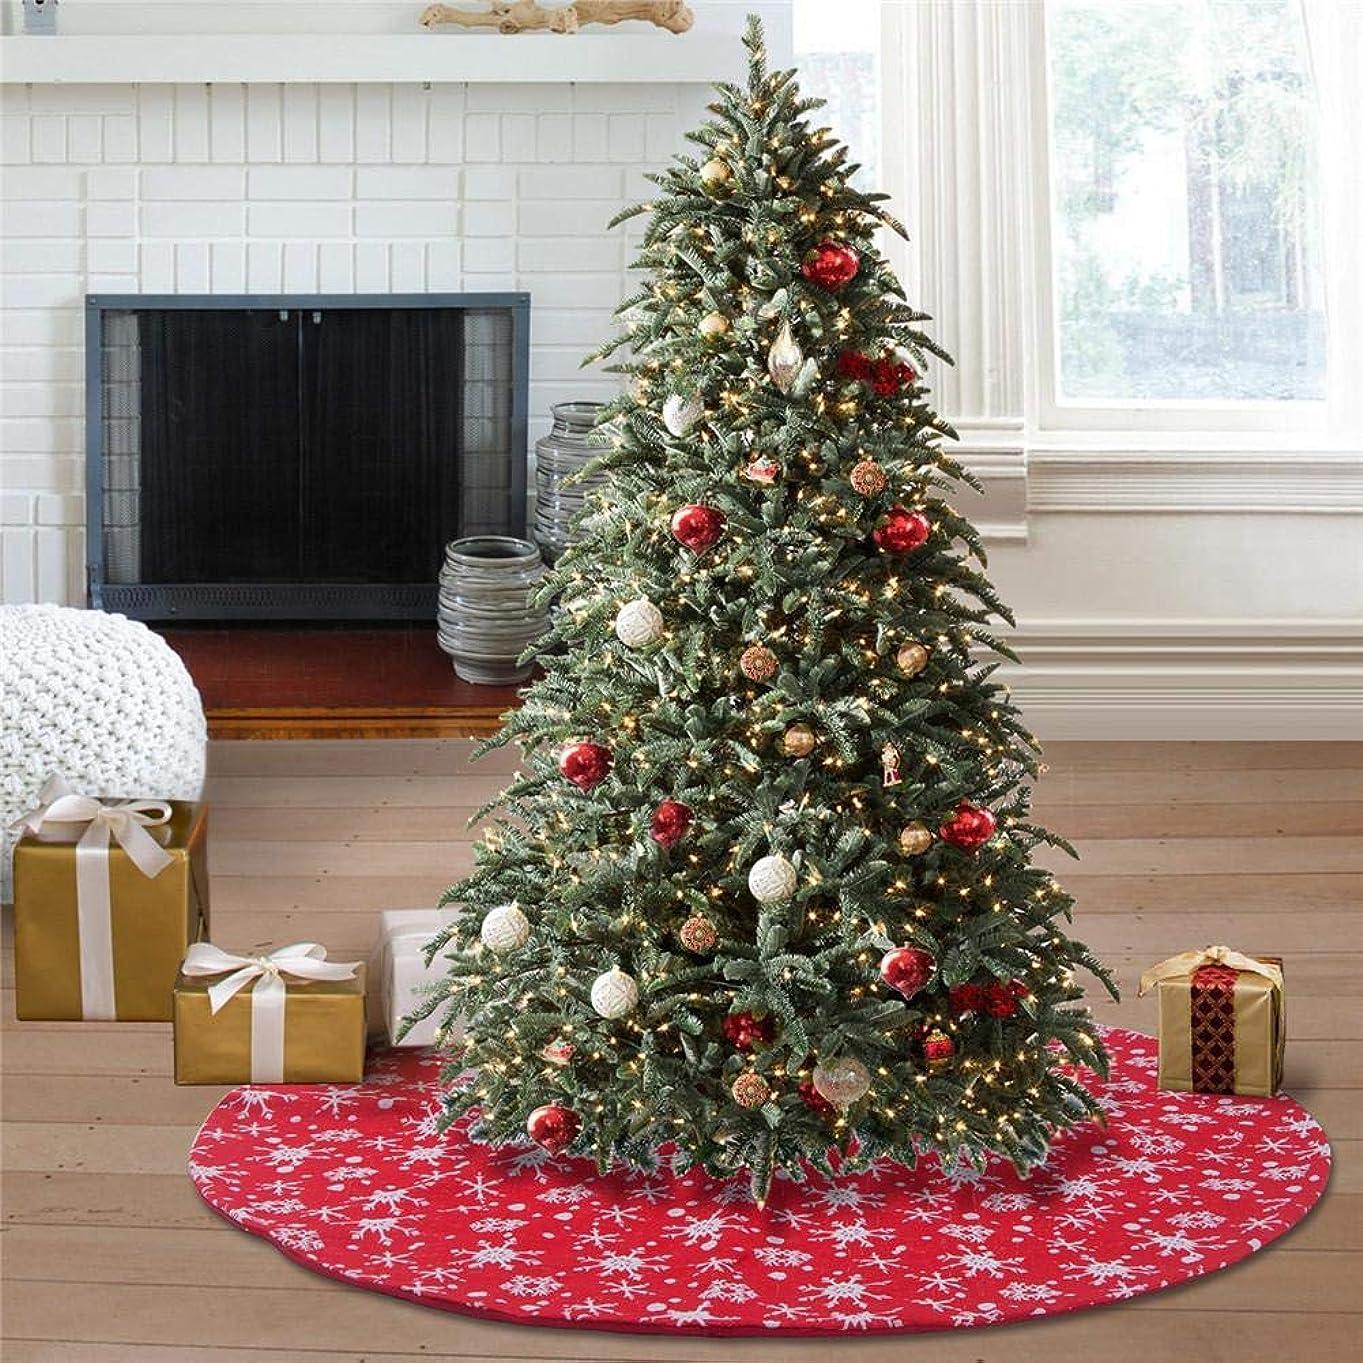 ただやるむしゃむしゃ集中クリスマスツリースカート、48インチスノーカーペットツリースカート、テーマお祝いパーティーの休日の装飾